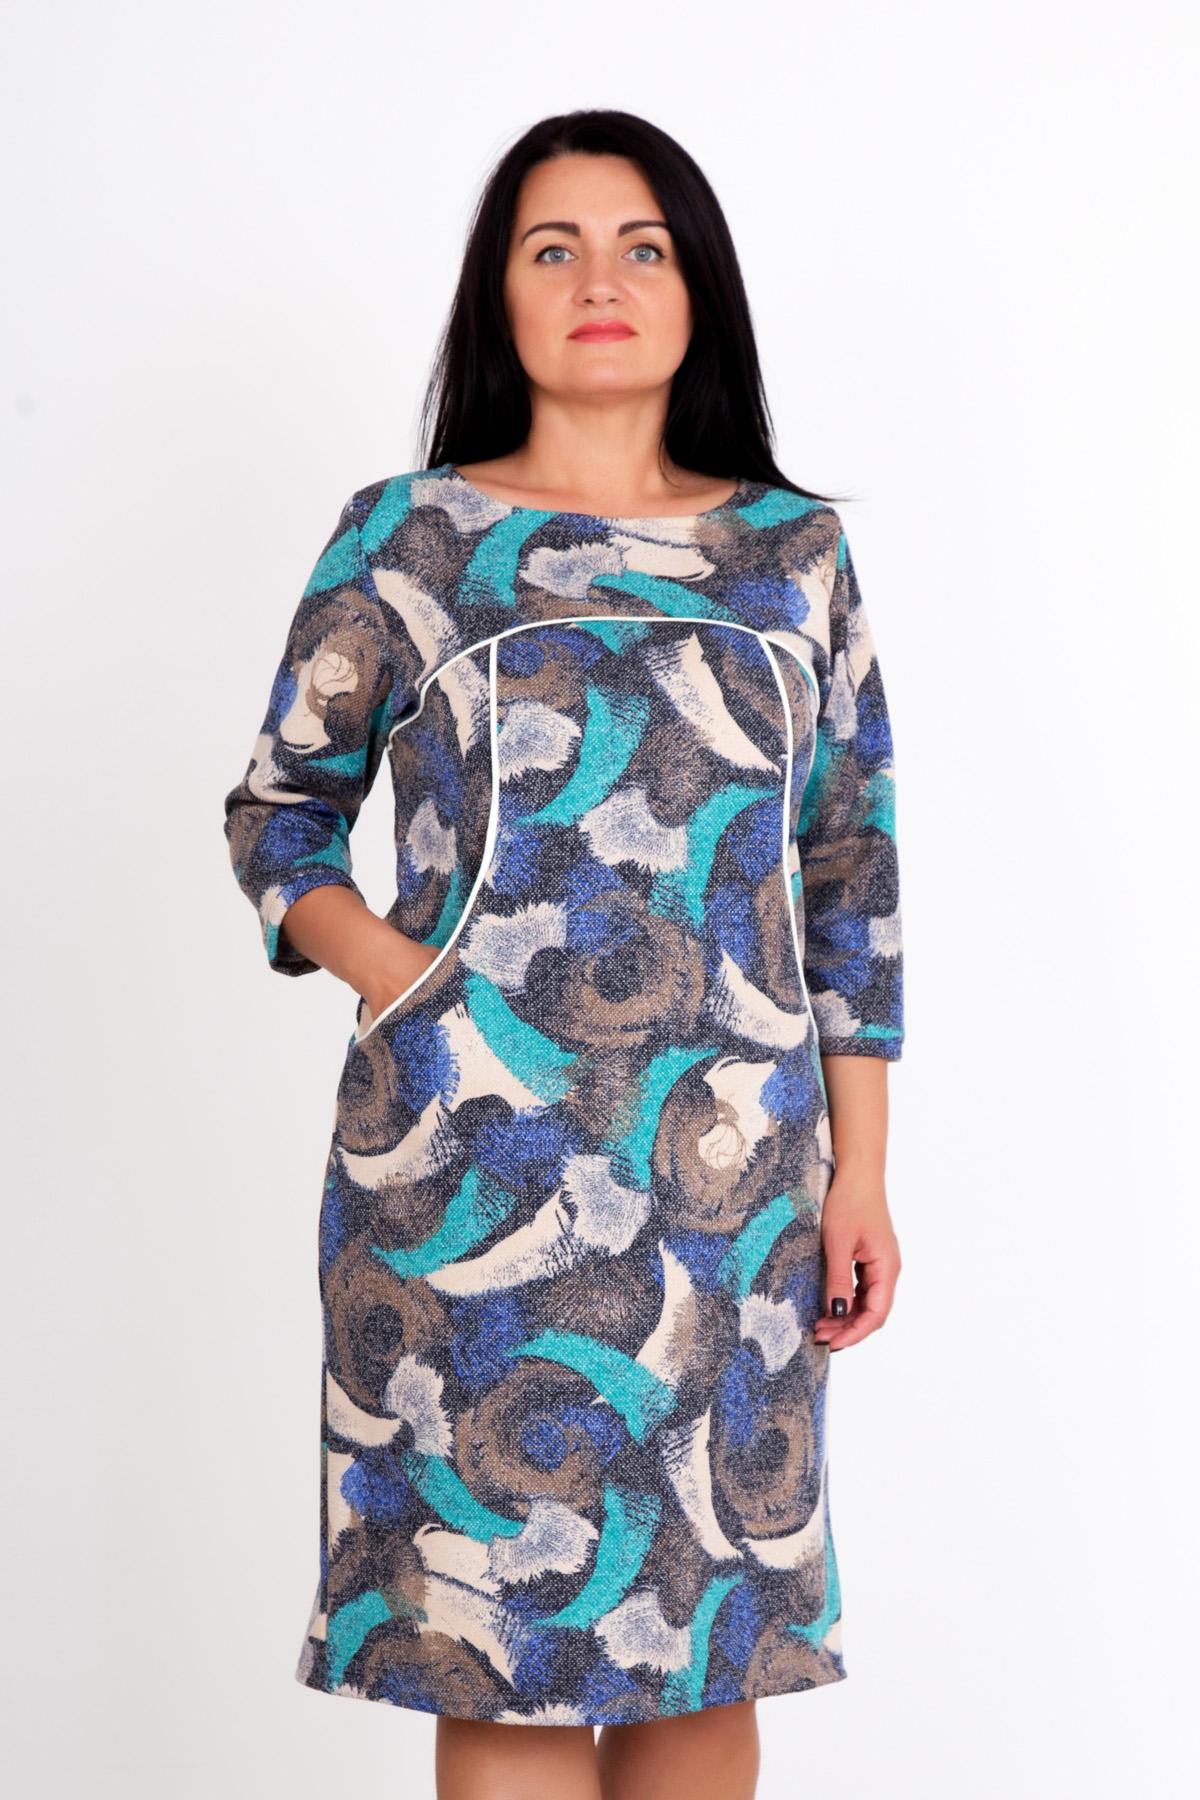 Жен. платье Маринель Бирюзовый р. 52Распродажа<br>Обхват груди:104 см<br>Обхват талии:85 см<br>Обхват бедер:112 см<br>Длина по спинке:97 см<br>Рост:167 см<br><br>Тип: Жен. платье<br>Размер: 52<br>Материал: Снег